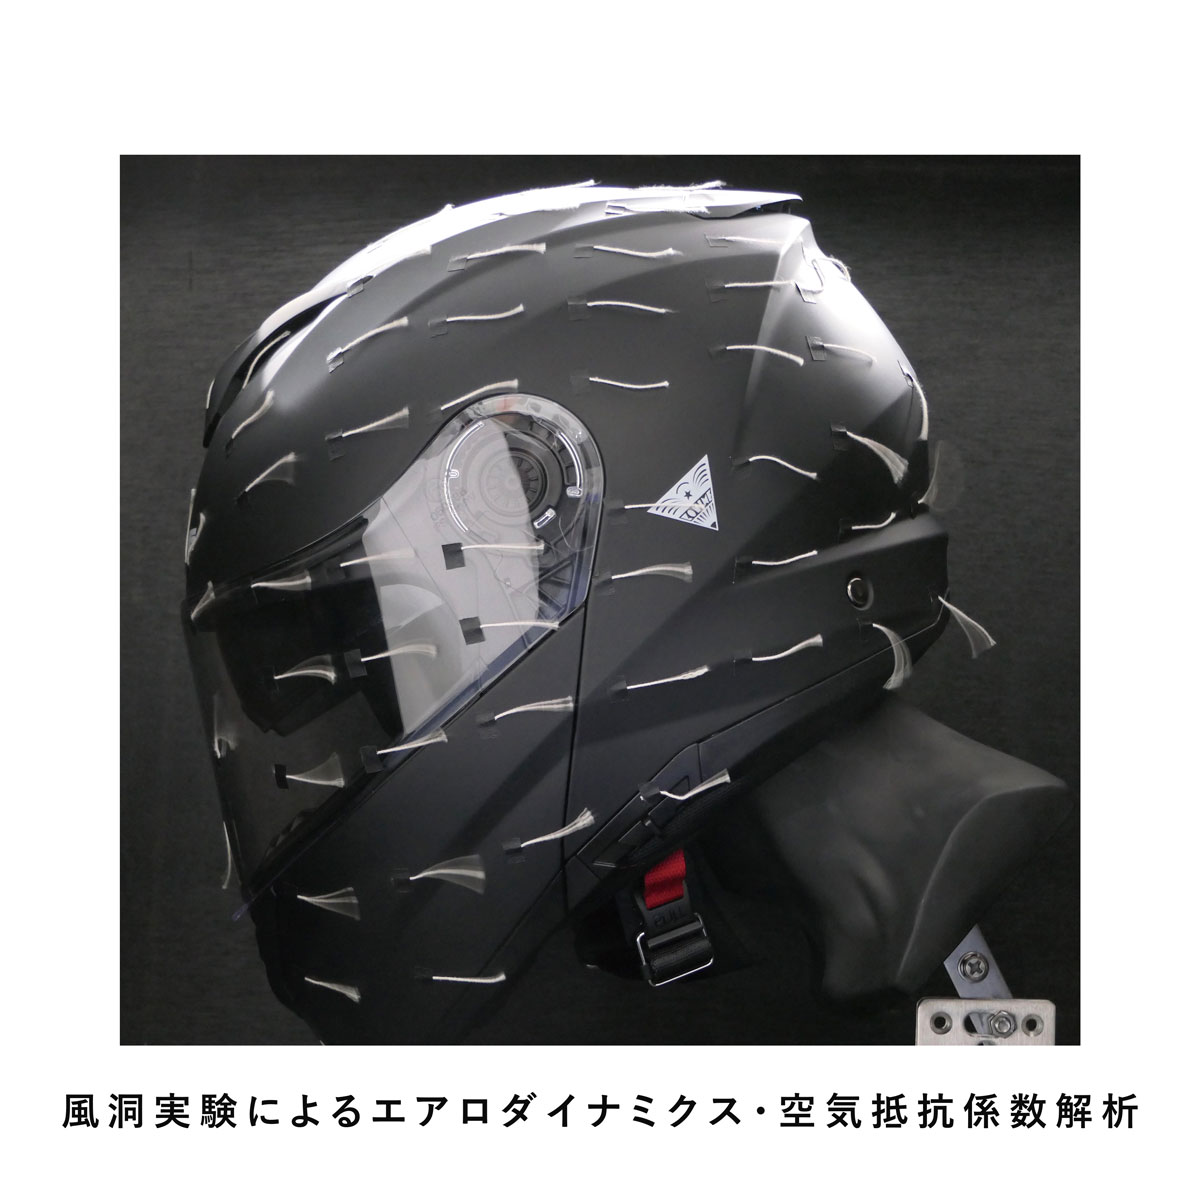 HK-171 FL システムヘルメット